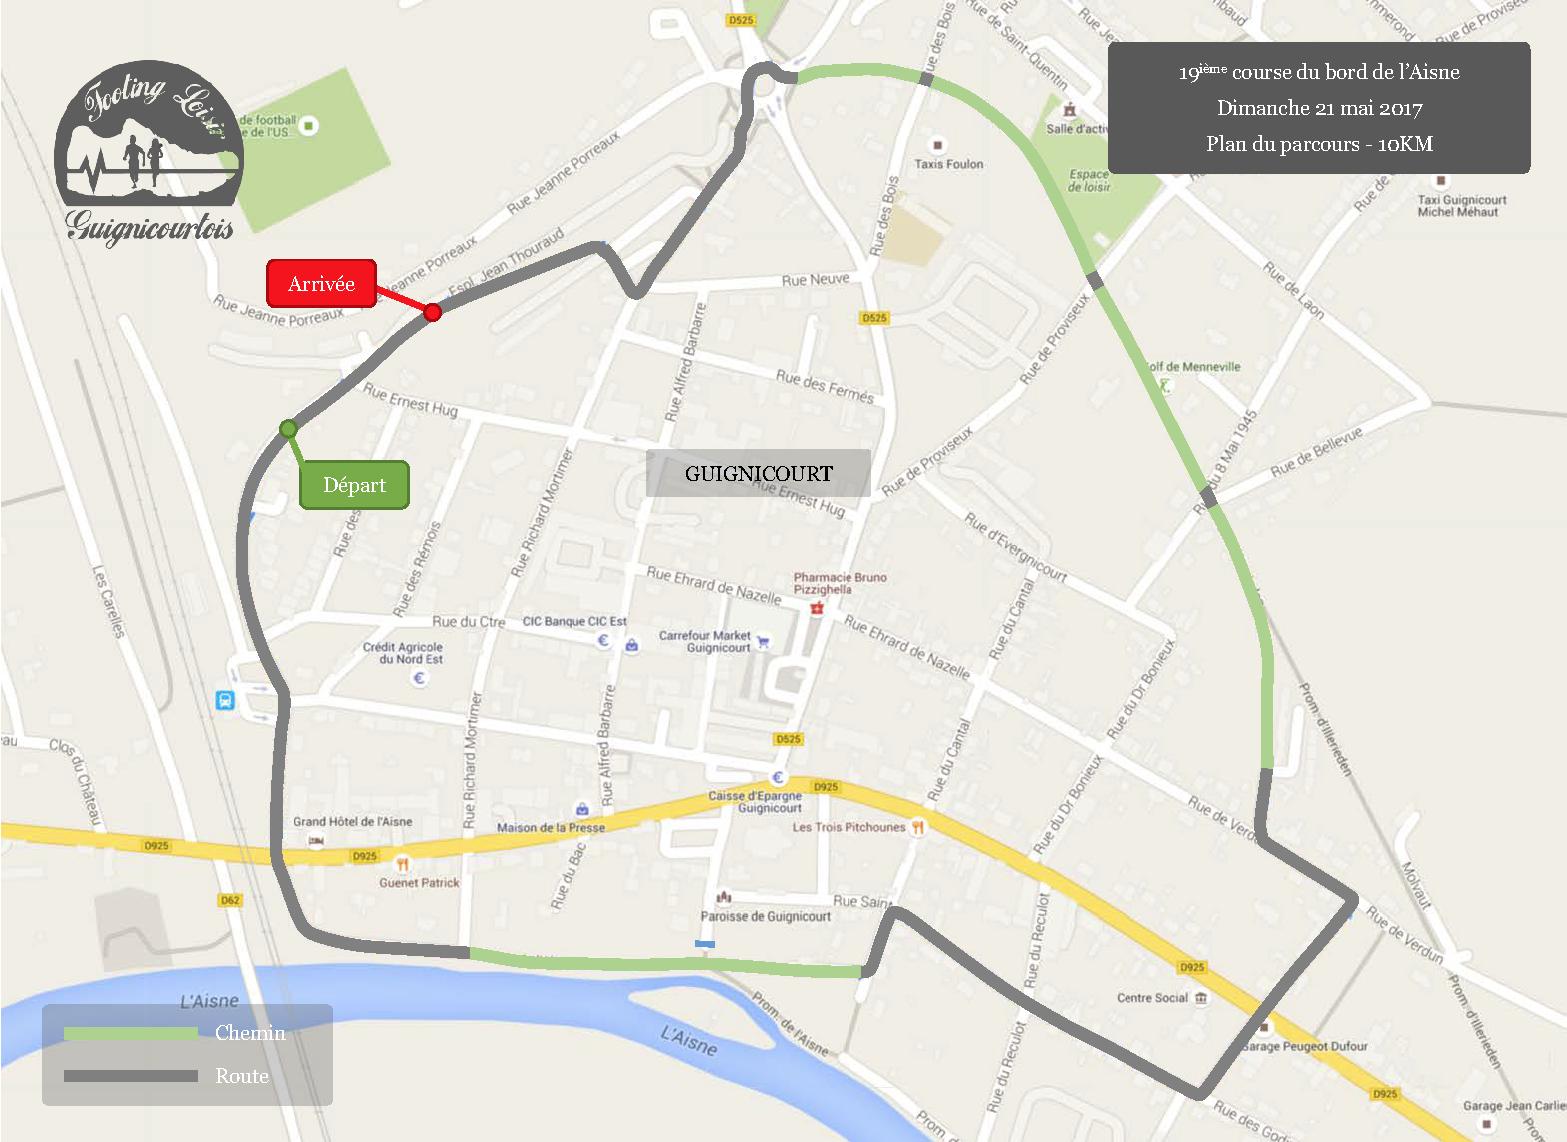 Plan du parcours de la course de GUIGNICOURT